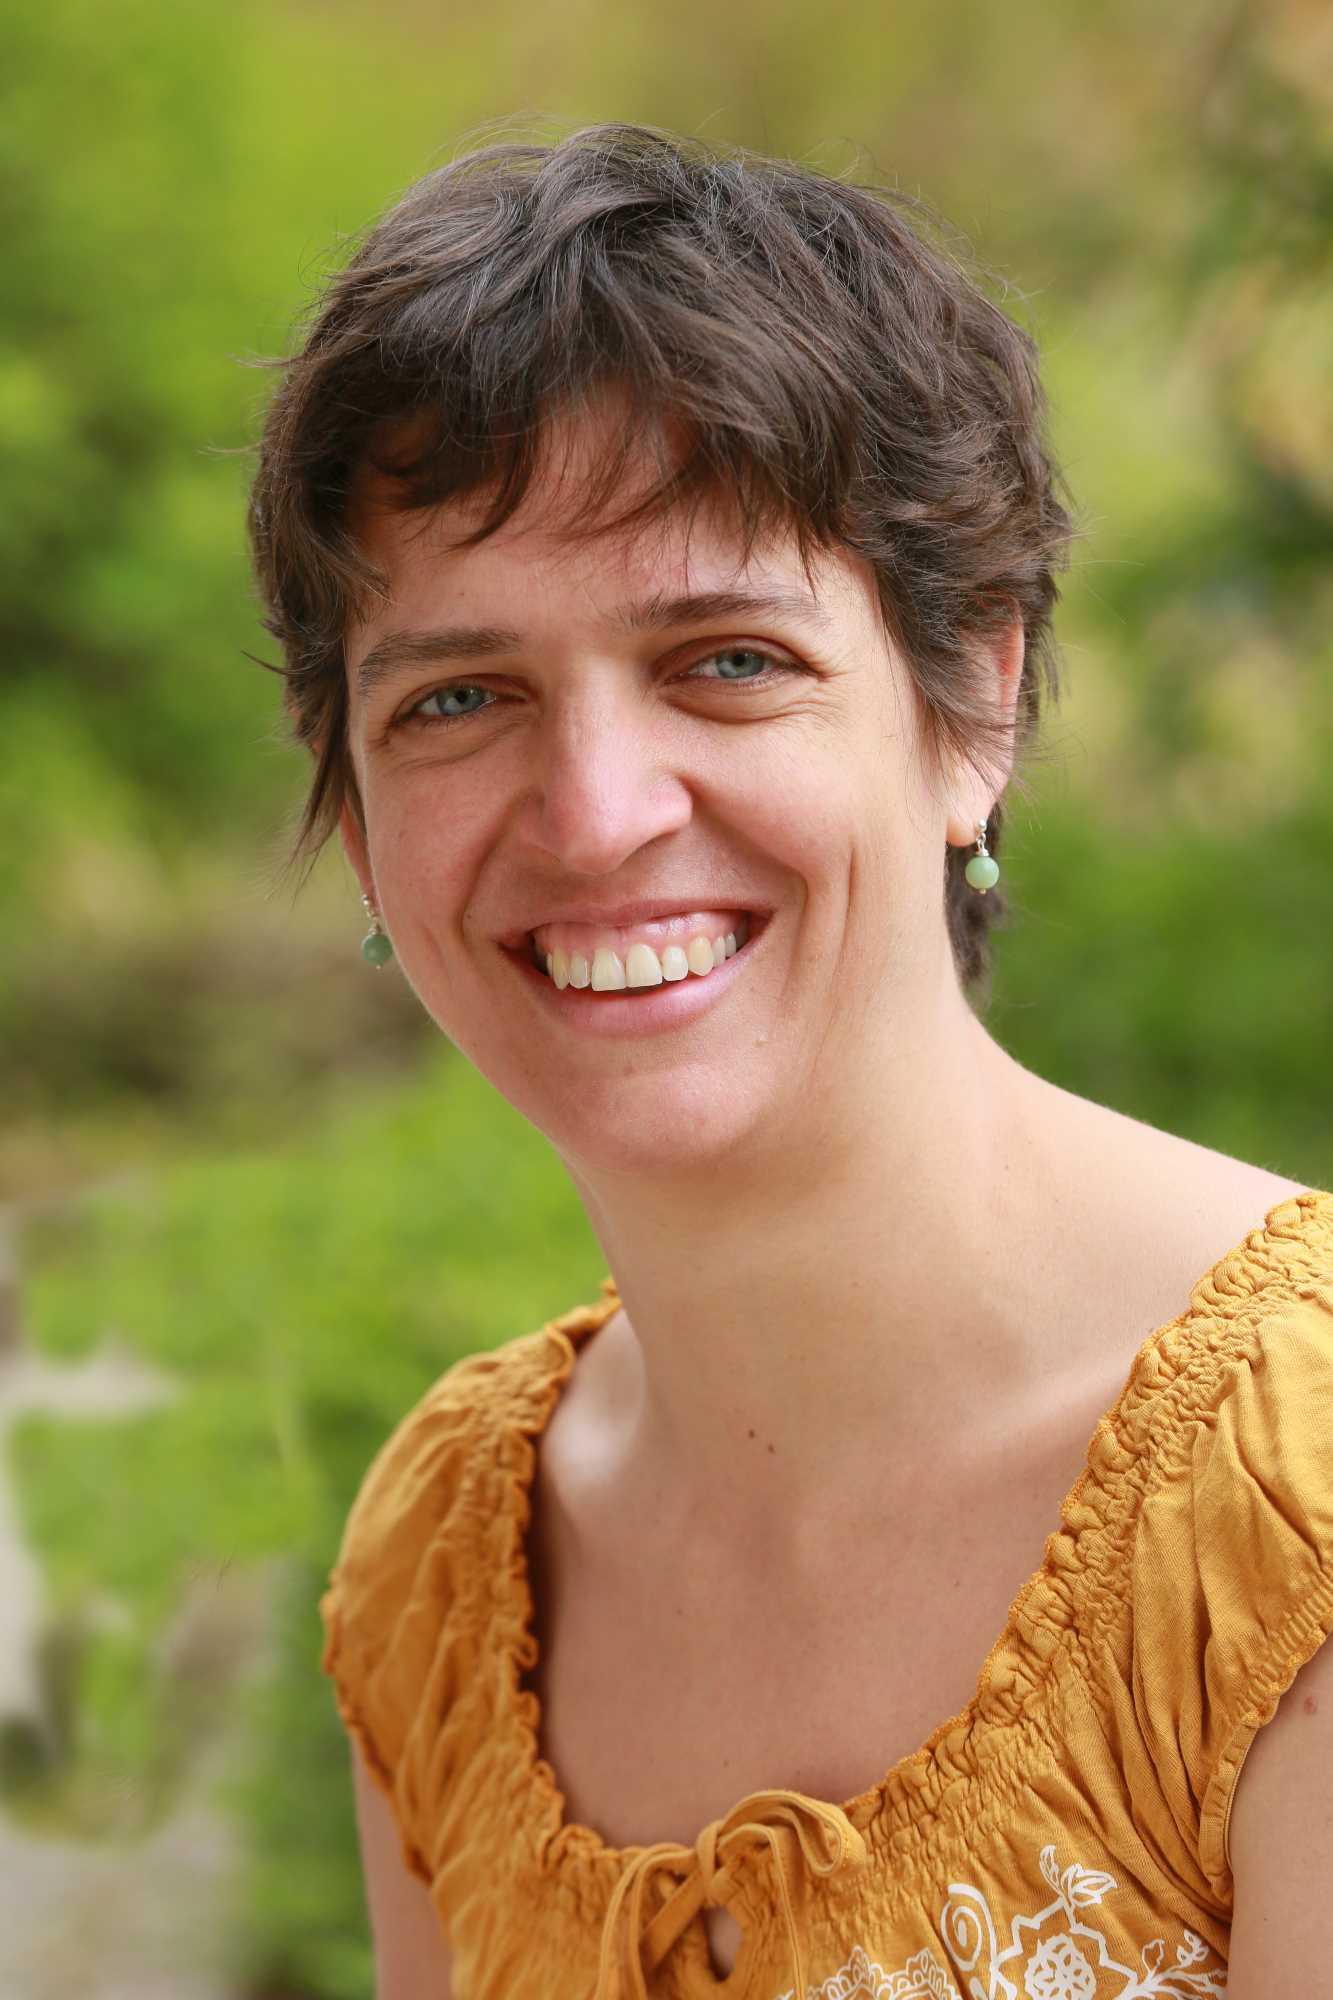 Kristin Rippmann